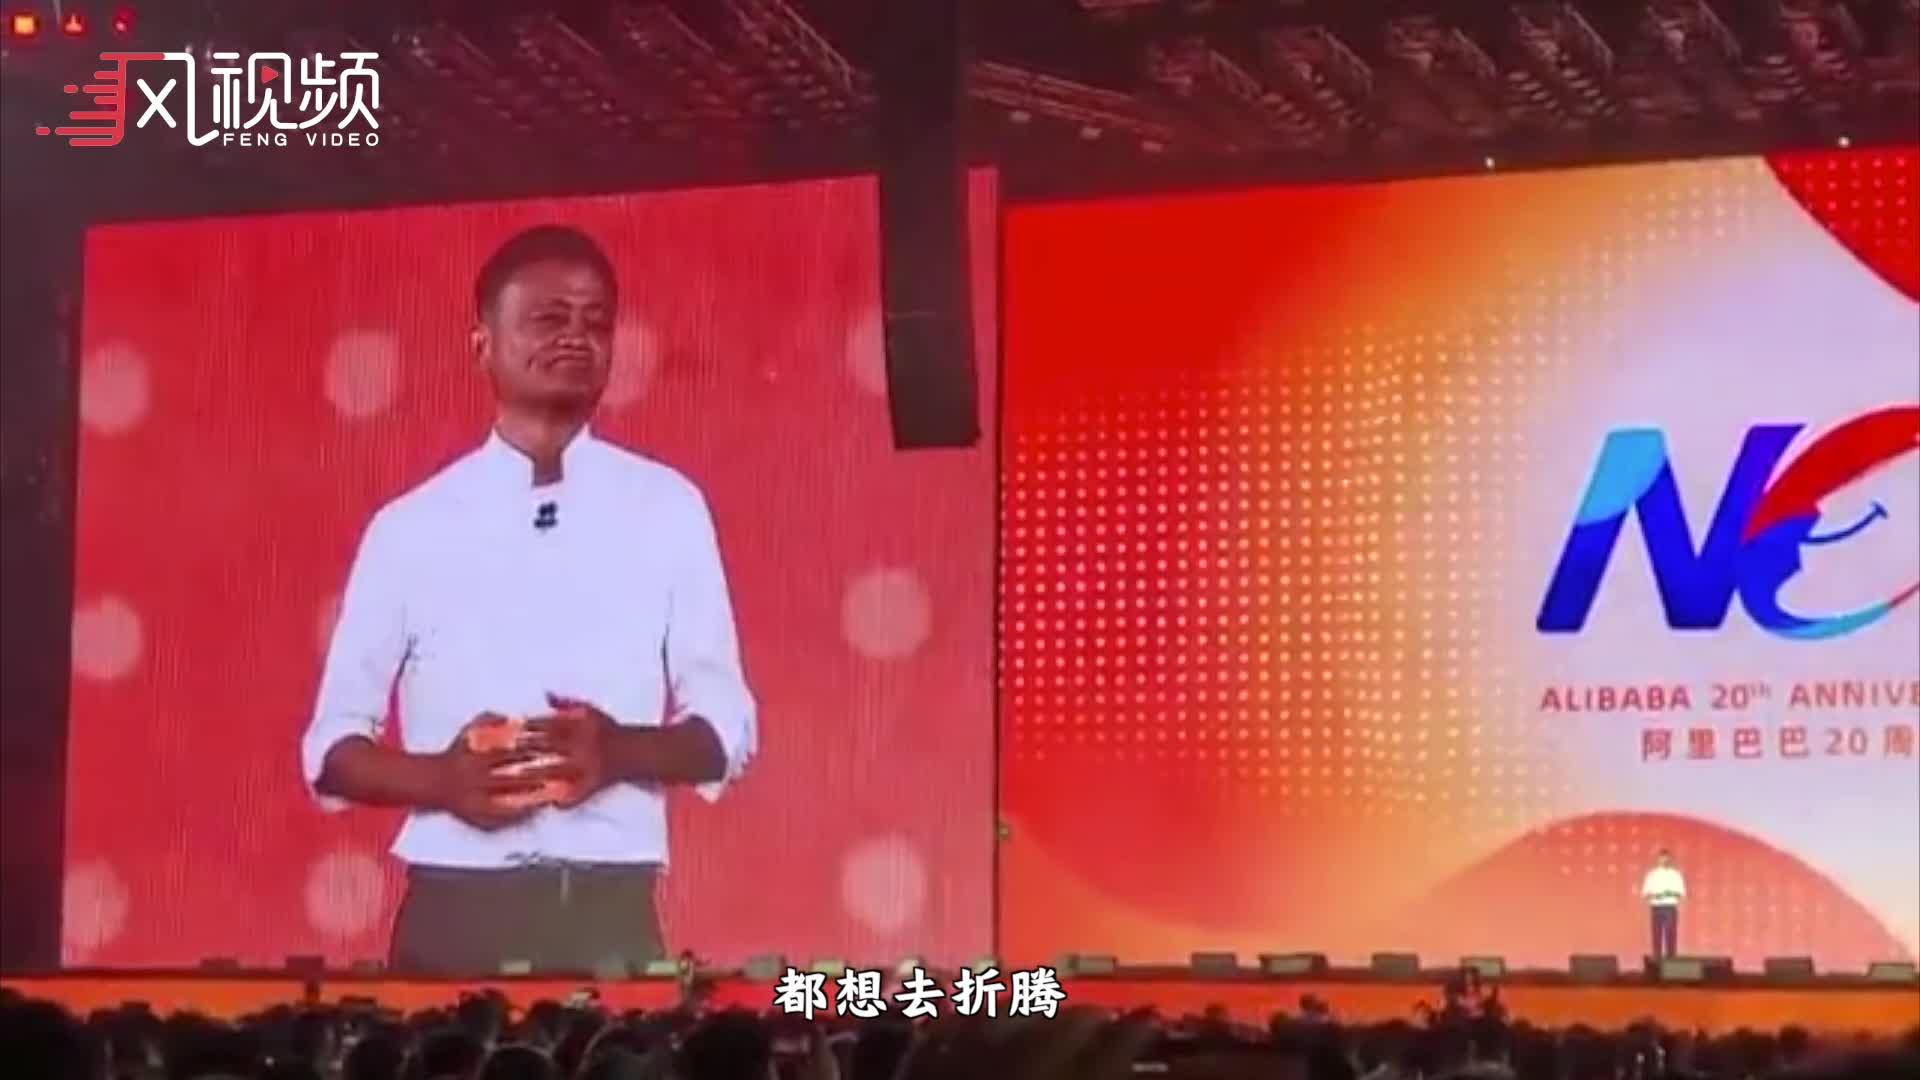 阿里20周年年会马云宣布卸任:过了今晚开启新的生活